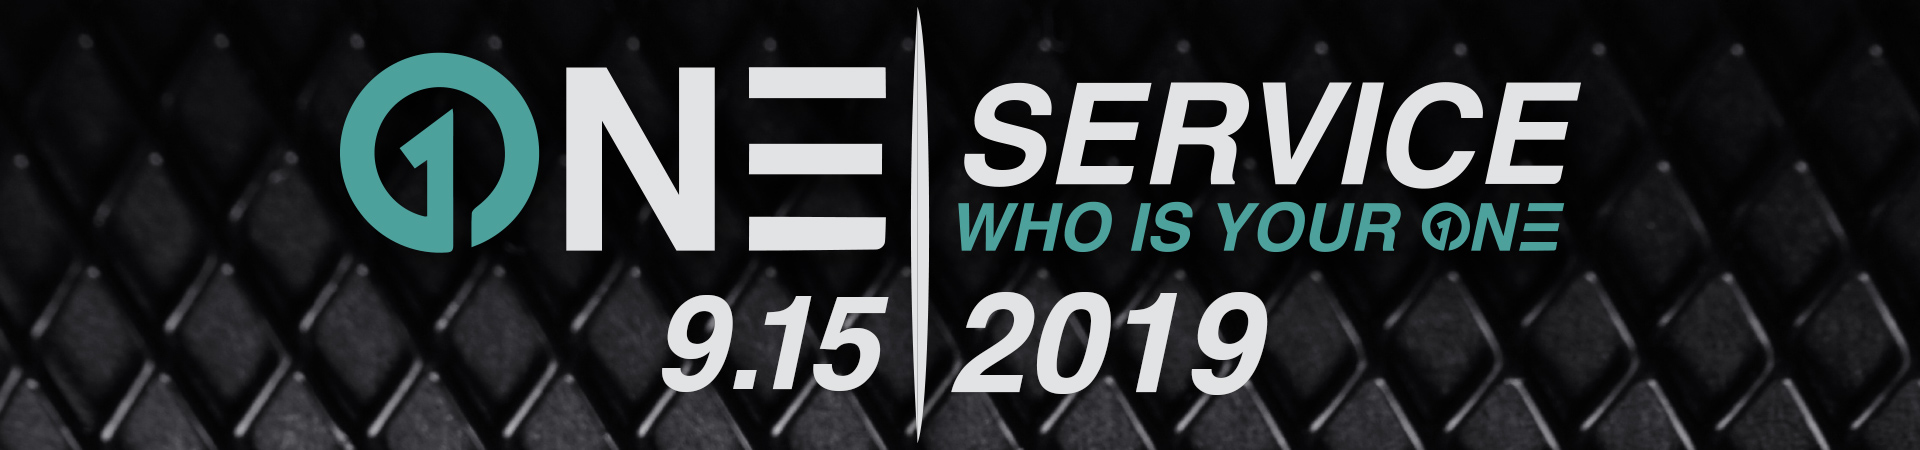 ONE Service Banner.jpg